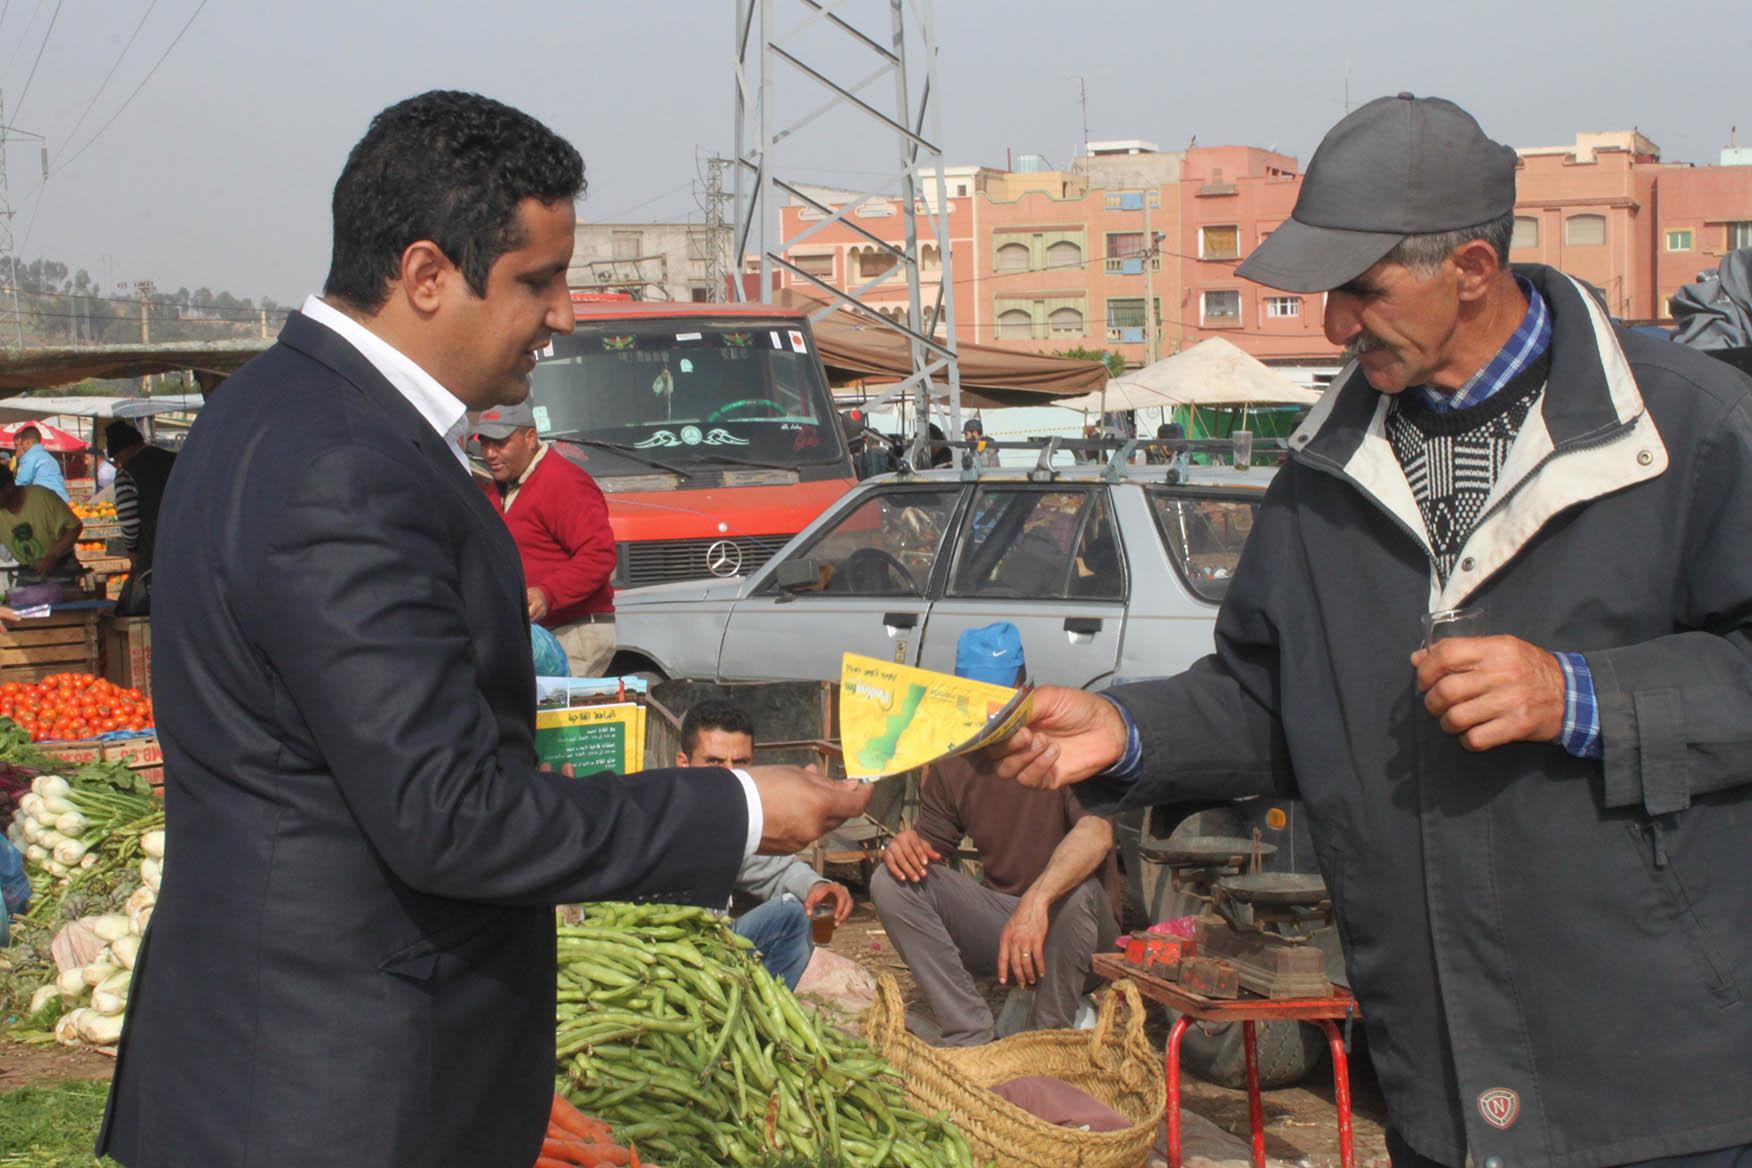 صور جولة مدينة إف إم بالأسواق المغربية : سوق ثلاثاء بركان